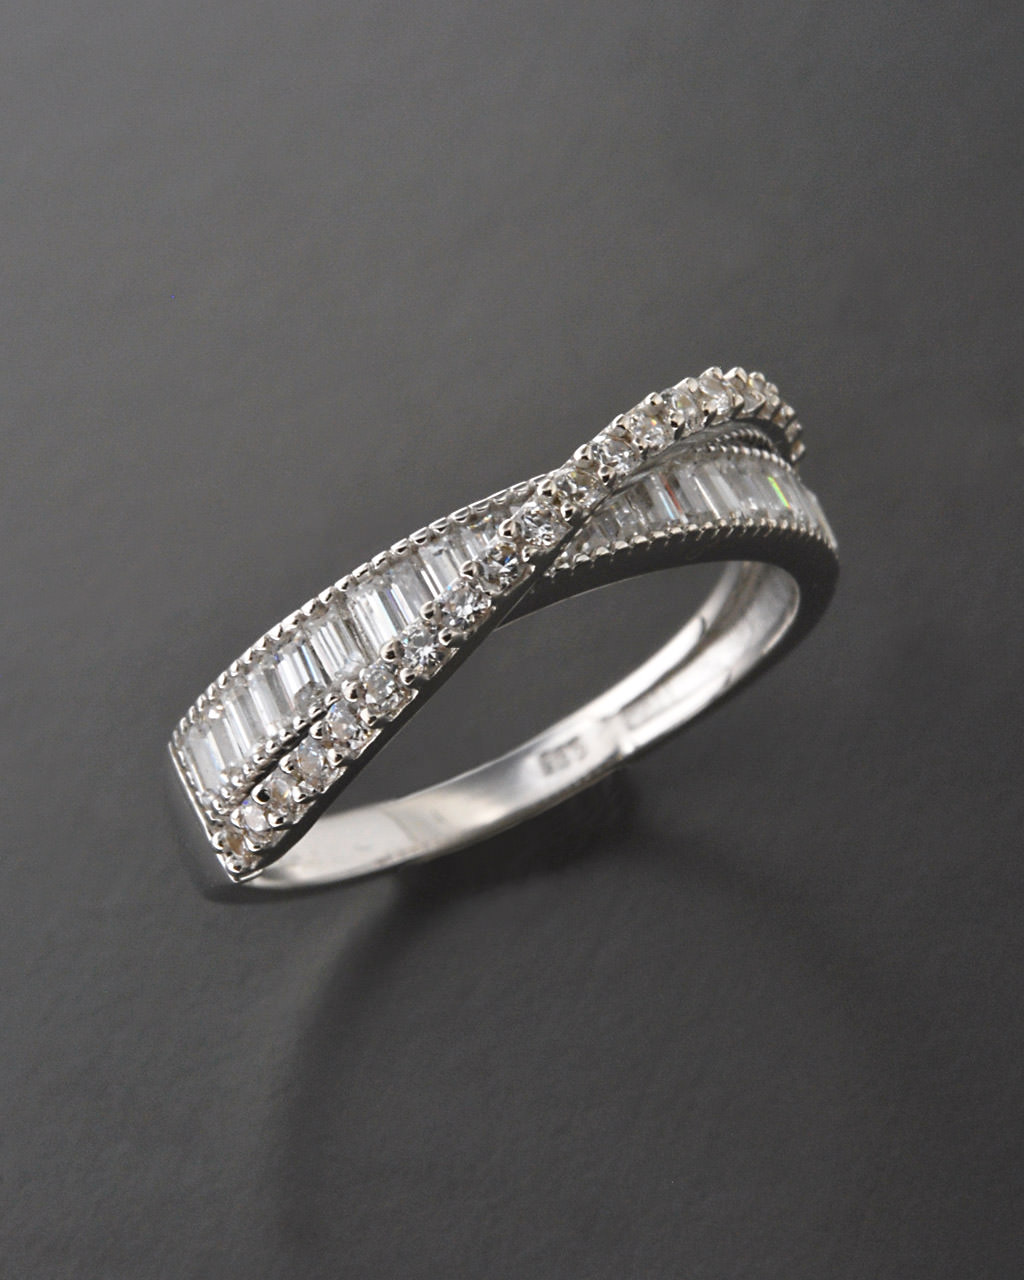 Δαχτυλίδι λευκόχρυσο Κ14 με Ζιργκόν   κοσμηματα δαχτυλίδια δαχτυλίδια σειρέ